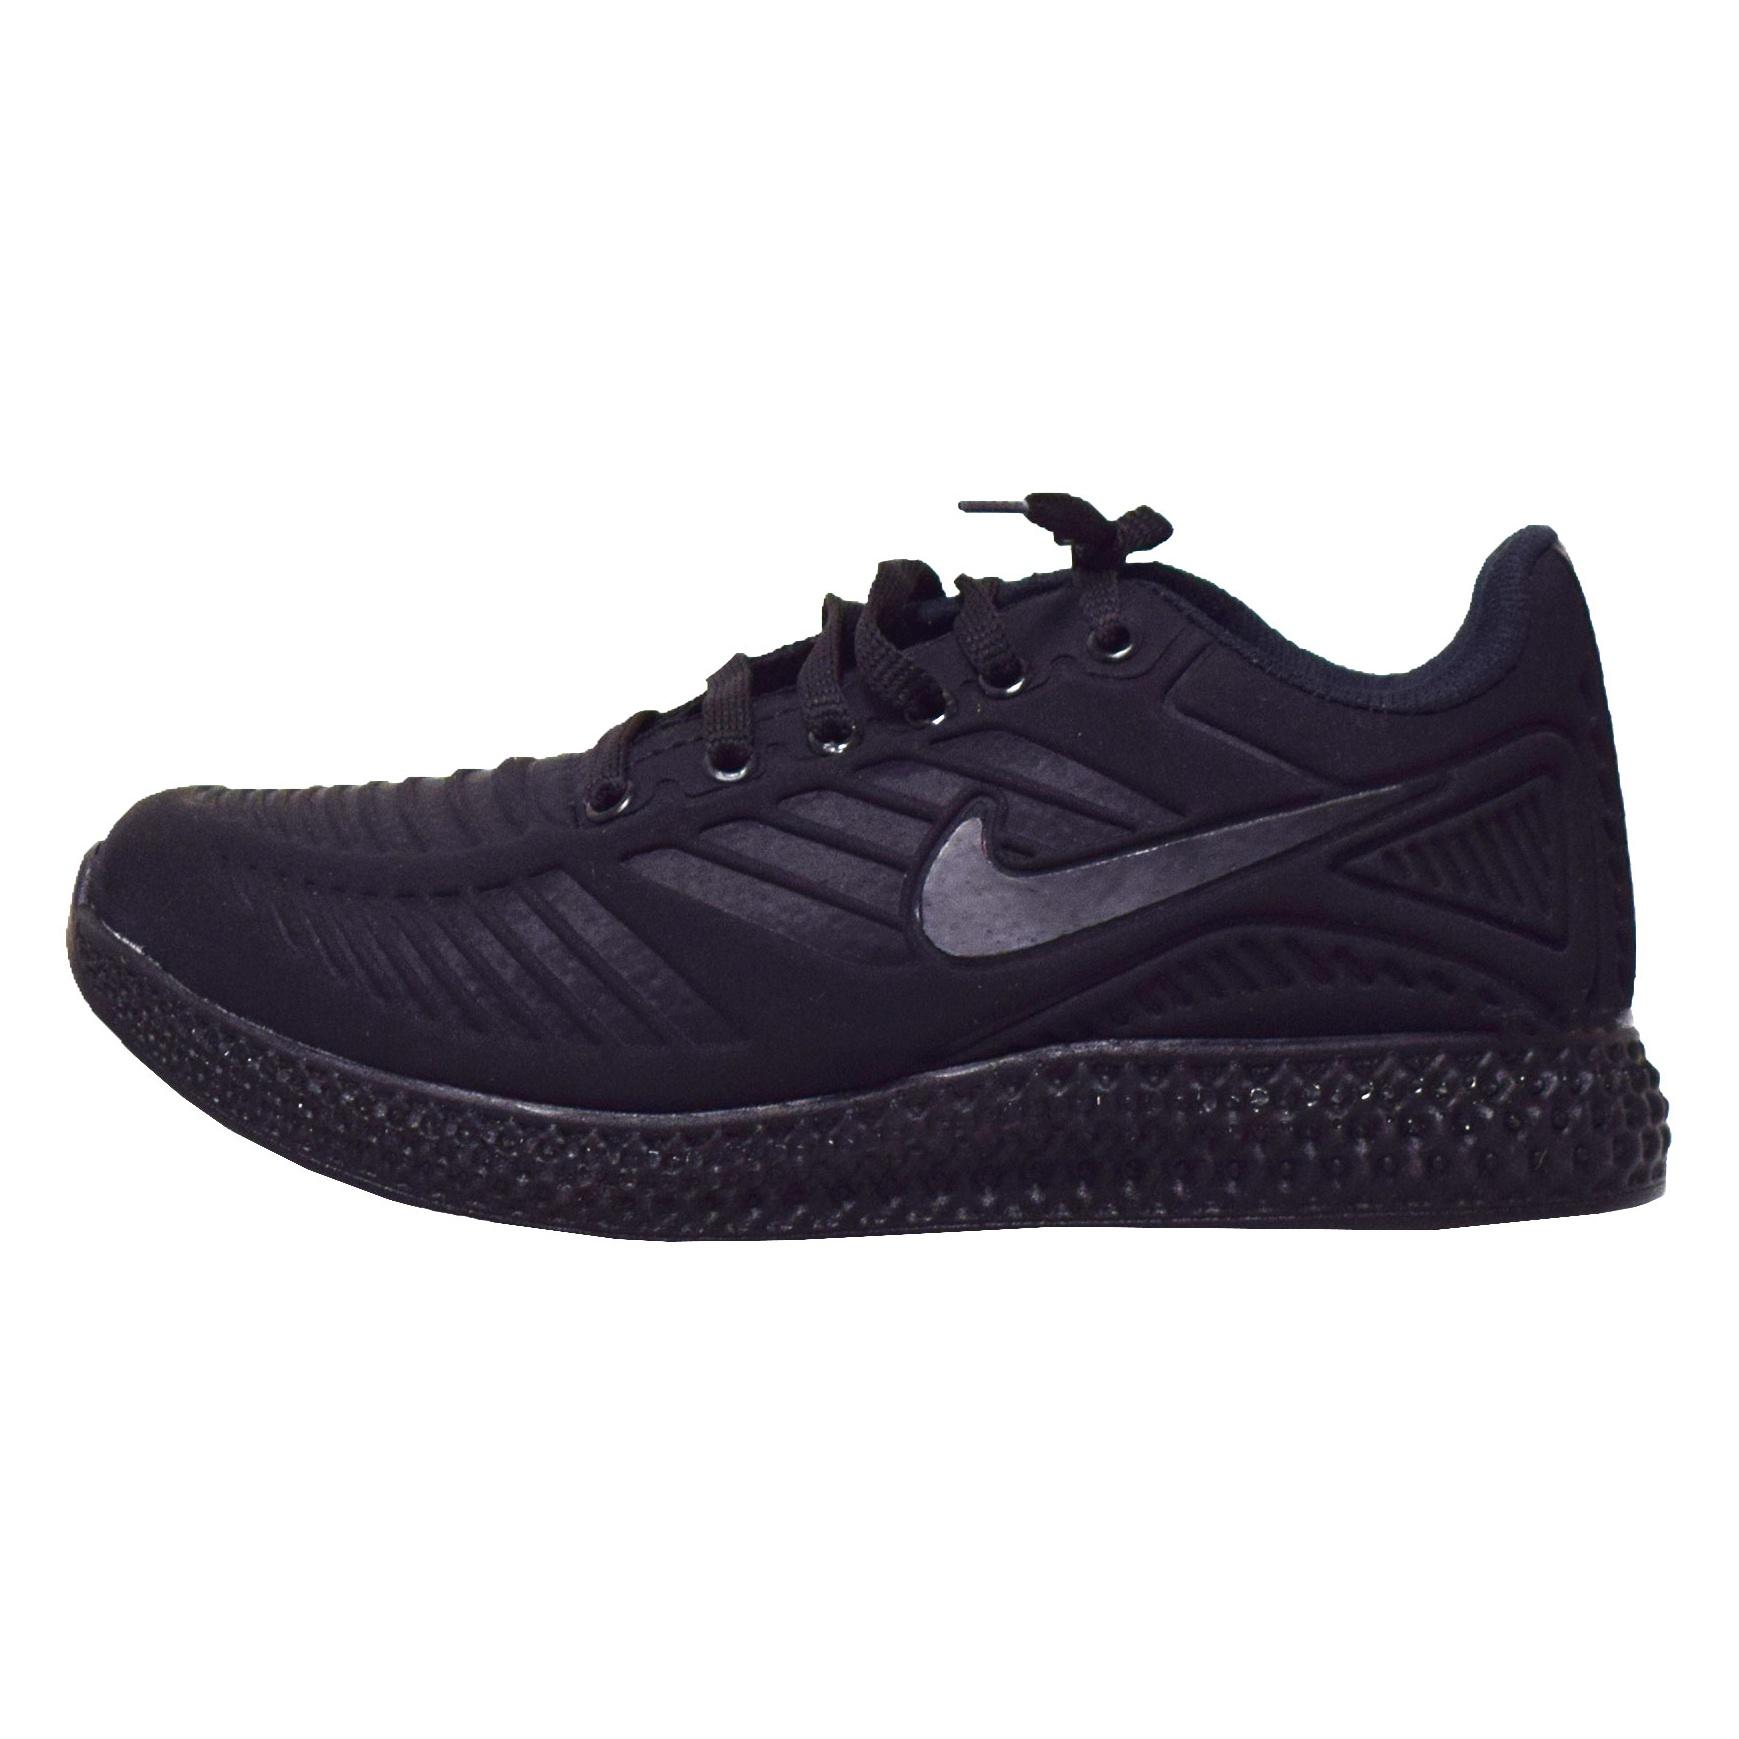 کفش مخصوص پیاده روی زنانه کد 70805